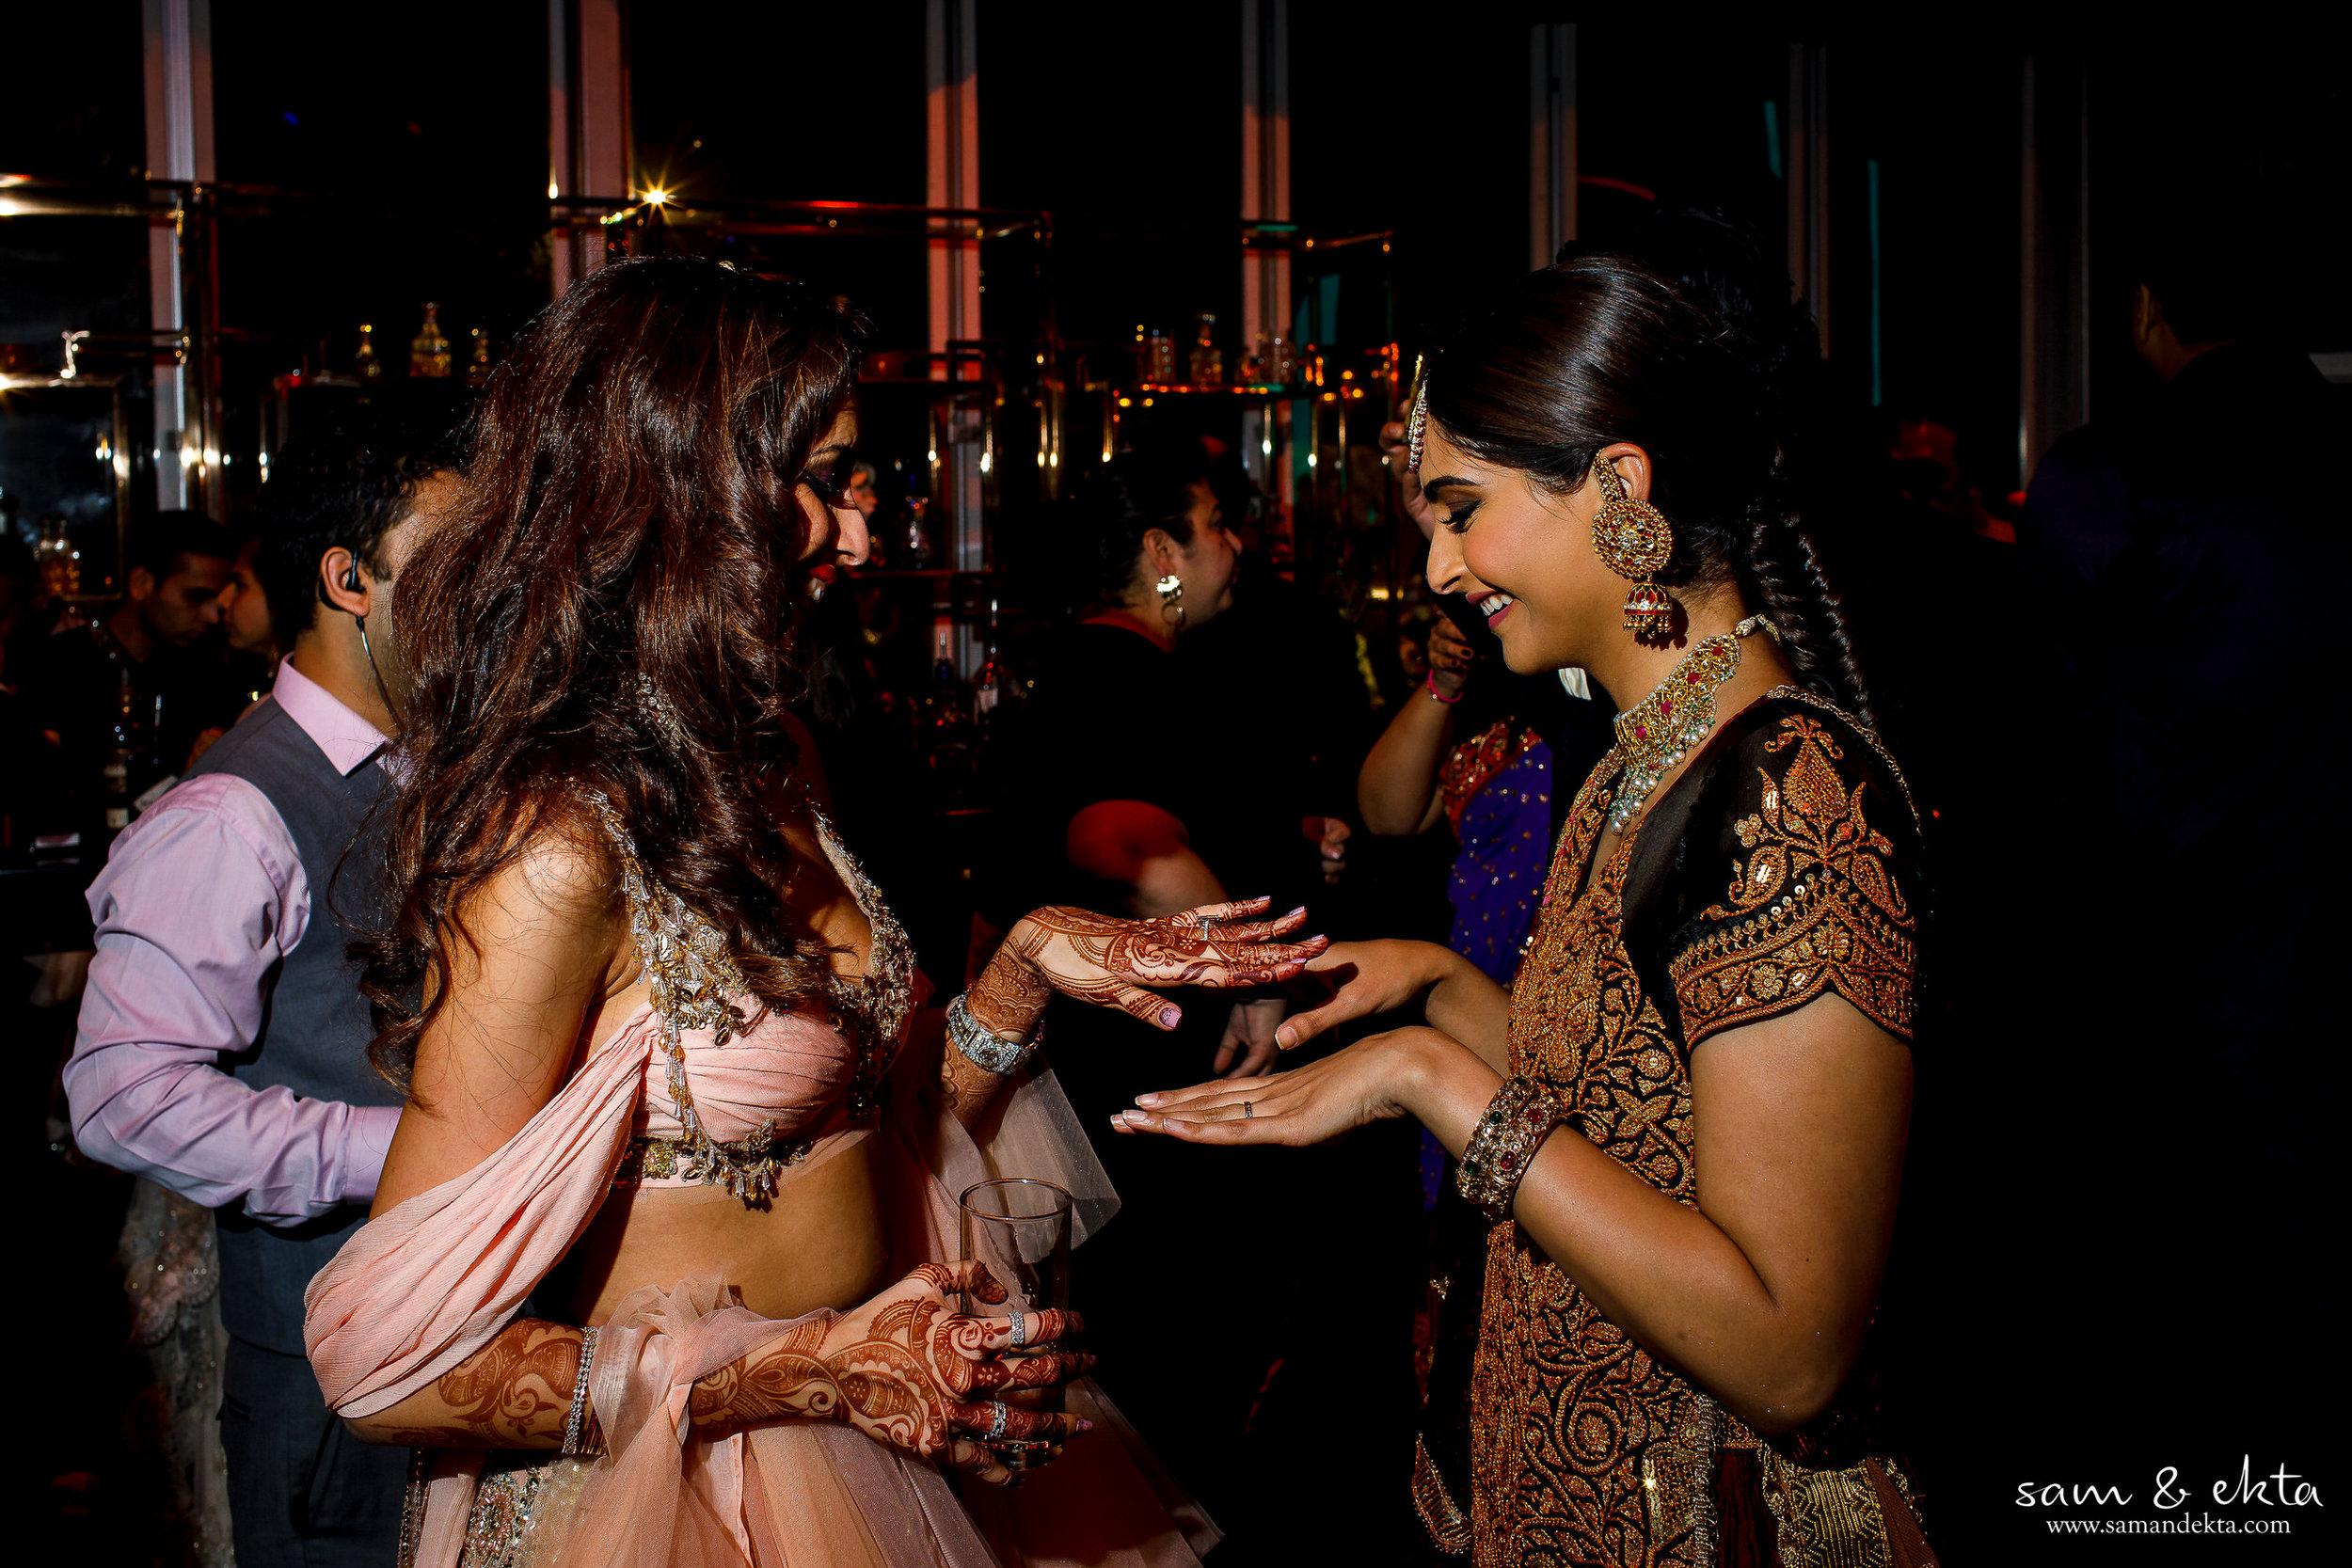 A&M_by Sam&Ekta_www.samandekta.com-43.jpg